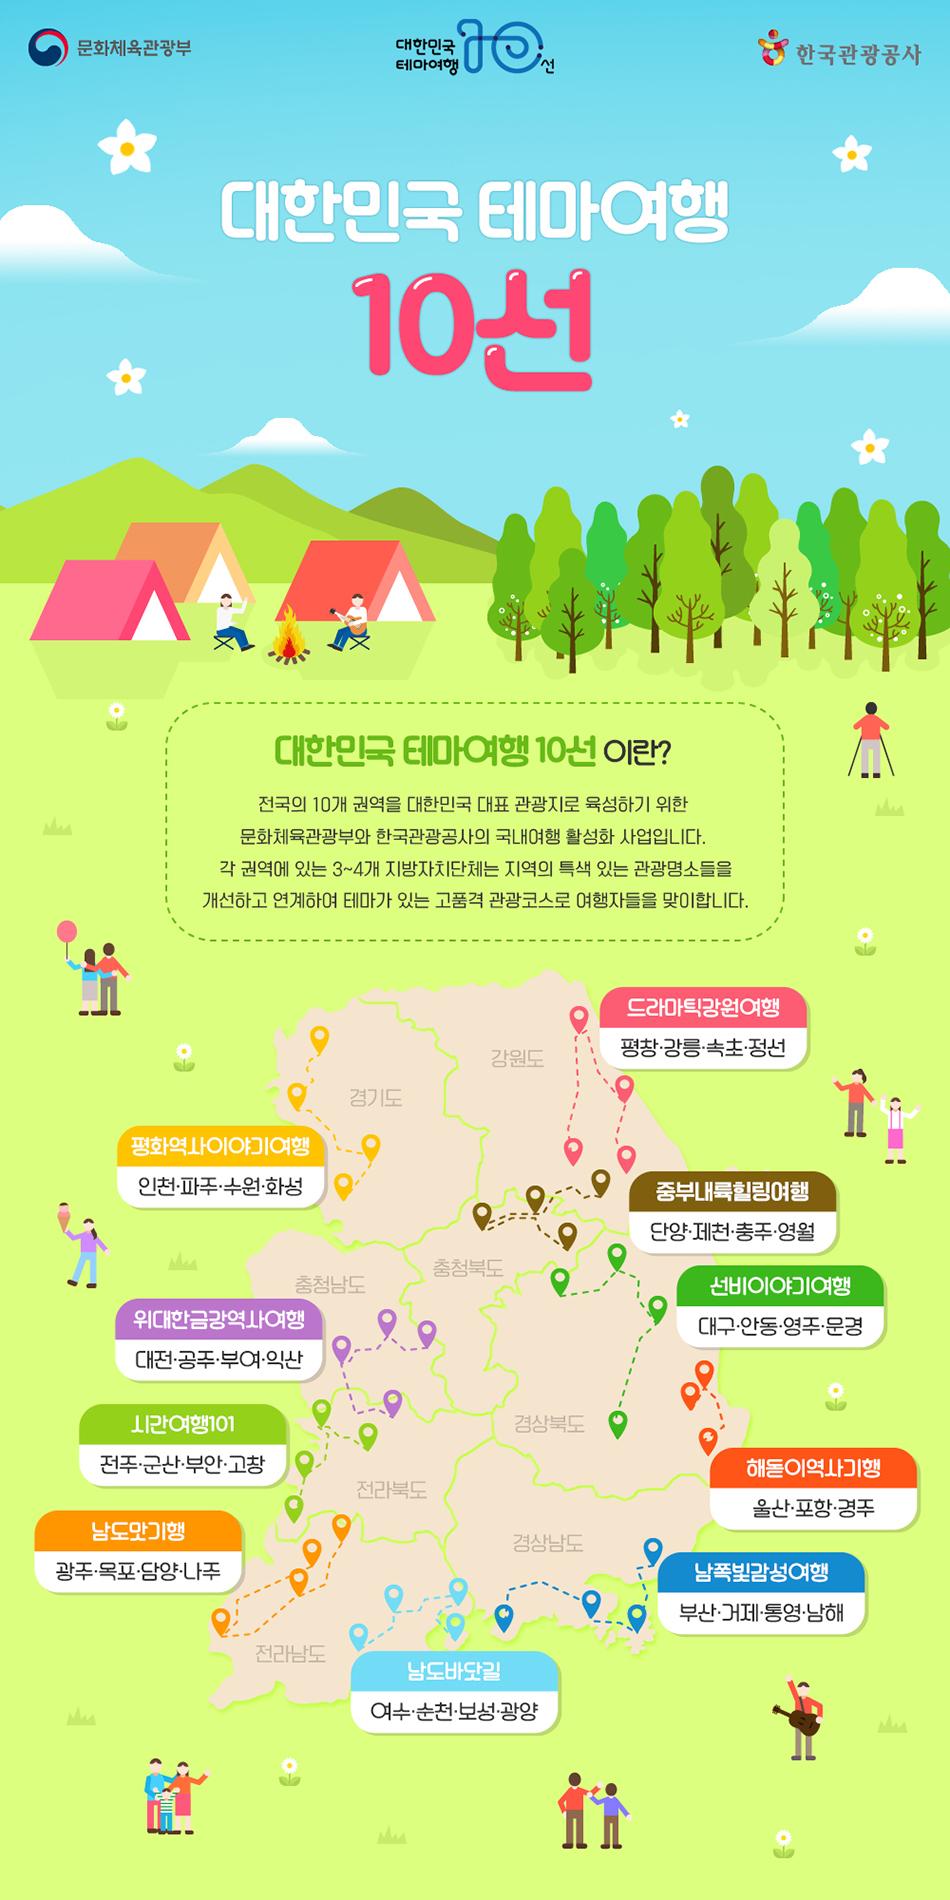 대한민국 테마여행 10선 (문화체육관광부, 한국관광공사)